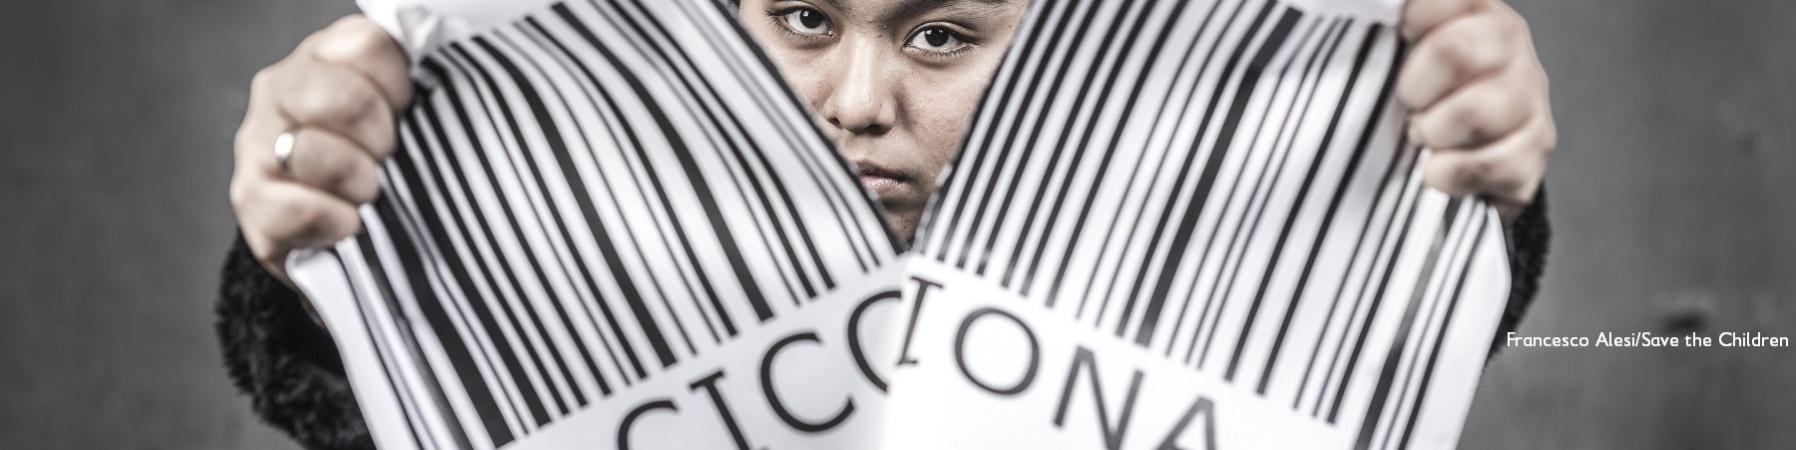 """Una ragazza strappa un grande codice a barre con la scritta """"cicciona"""""""